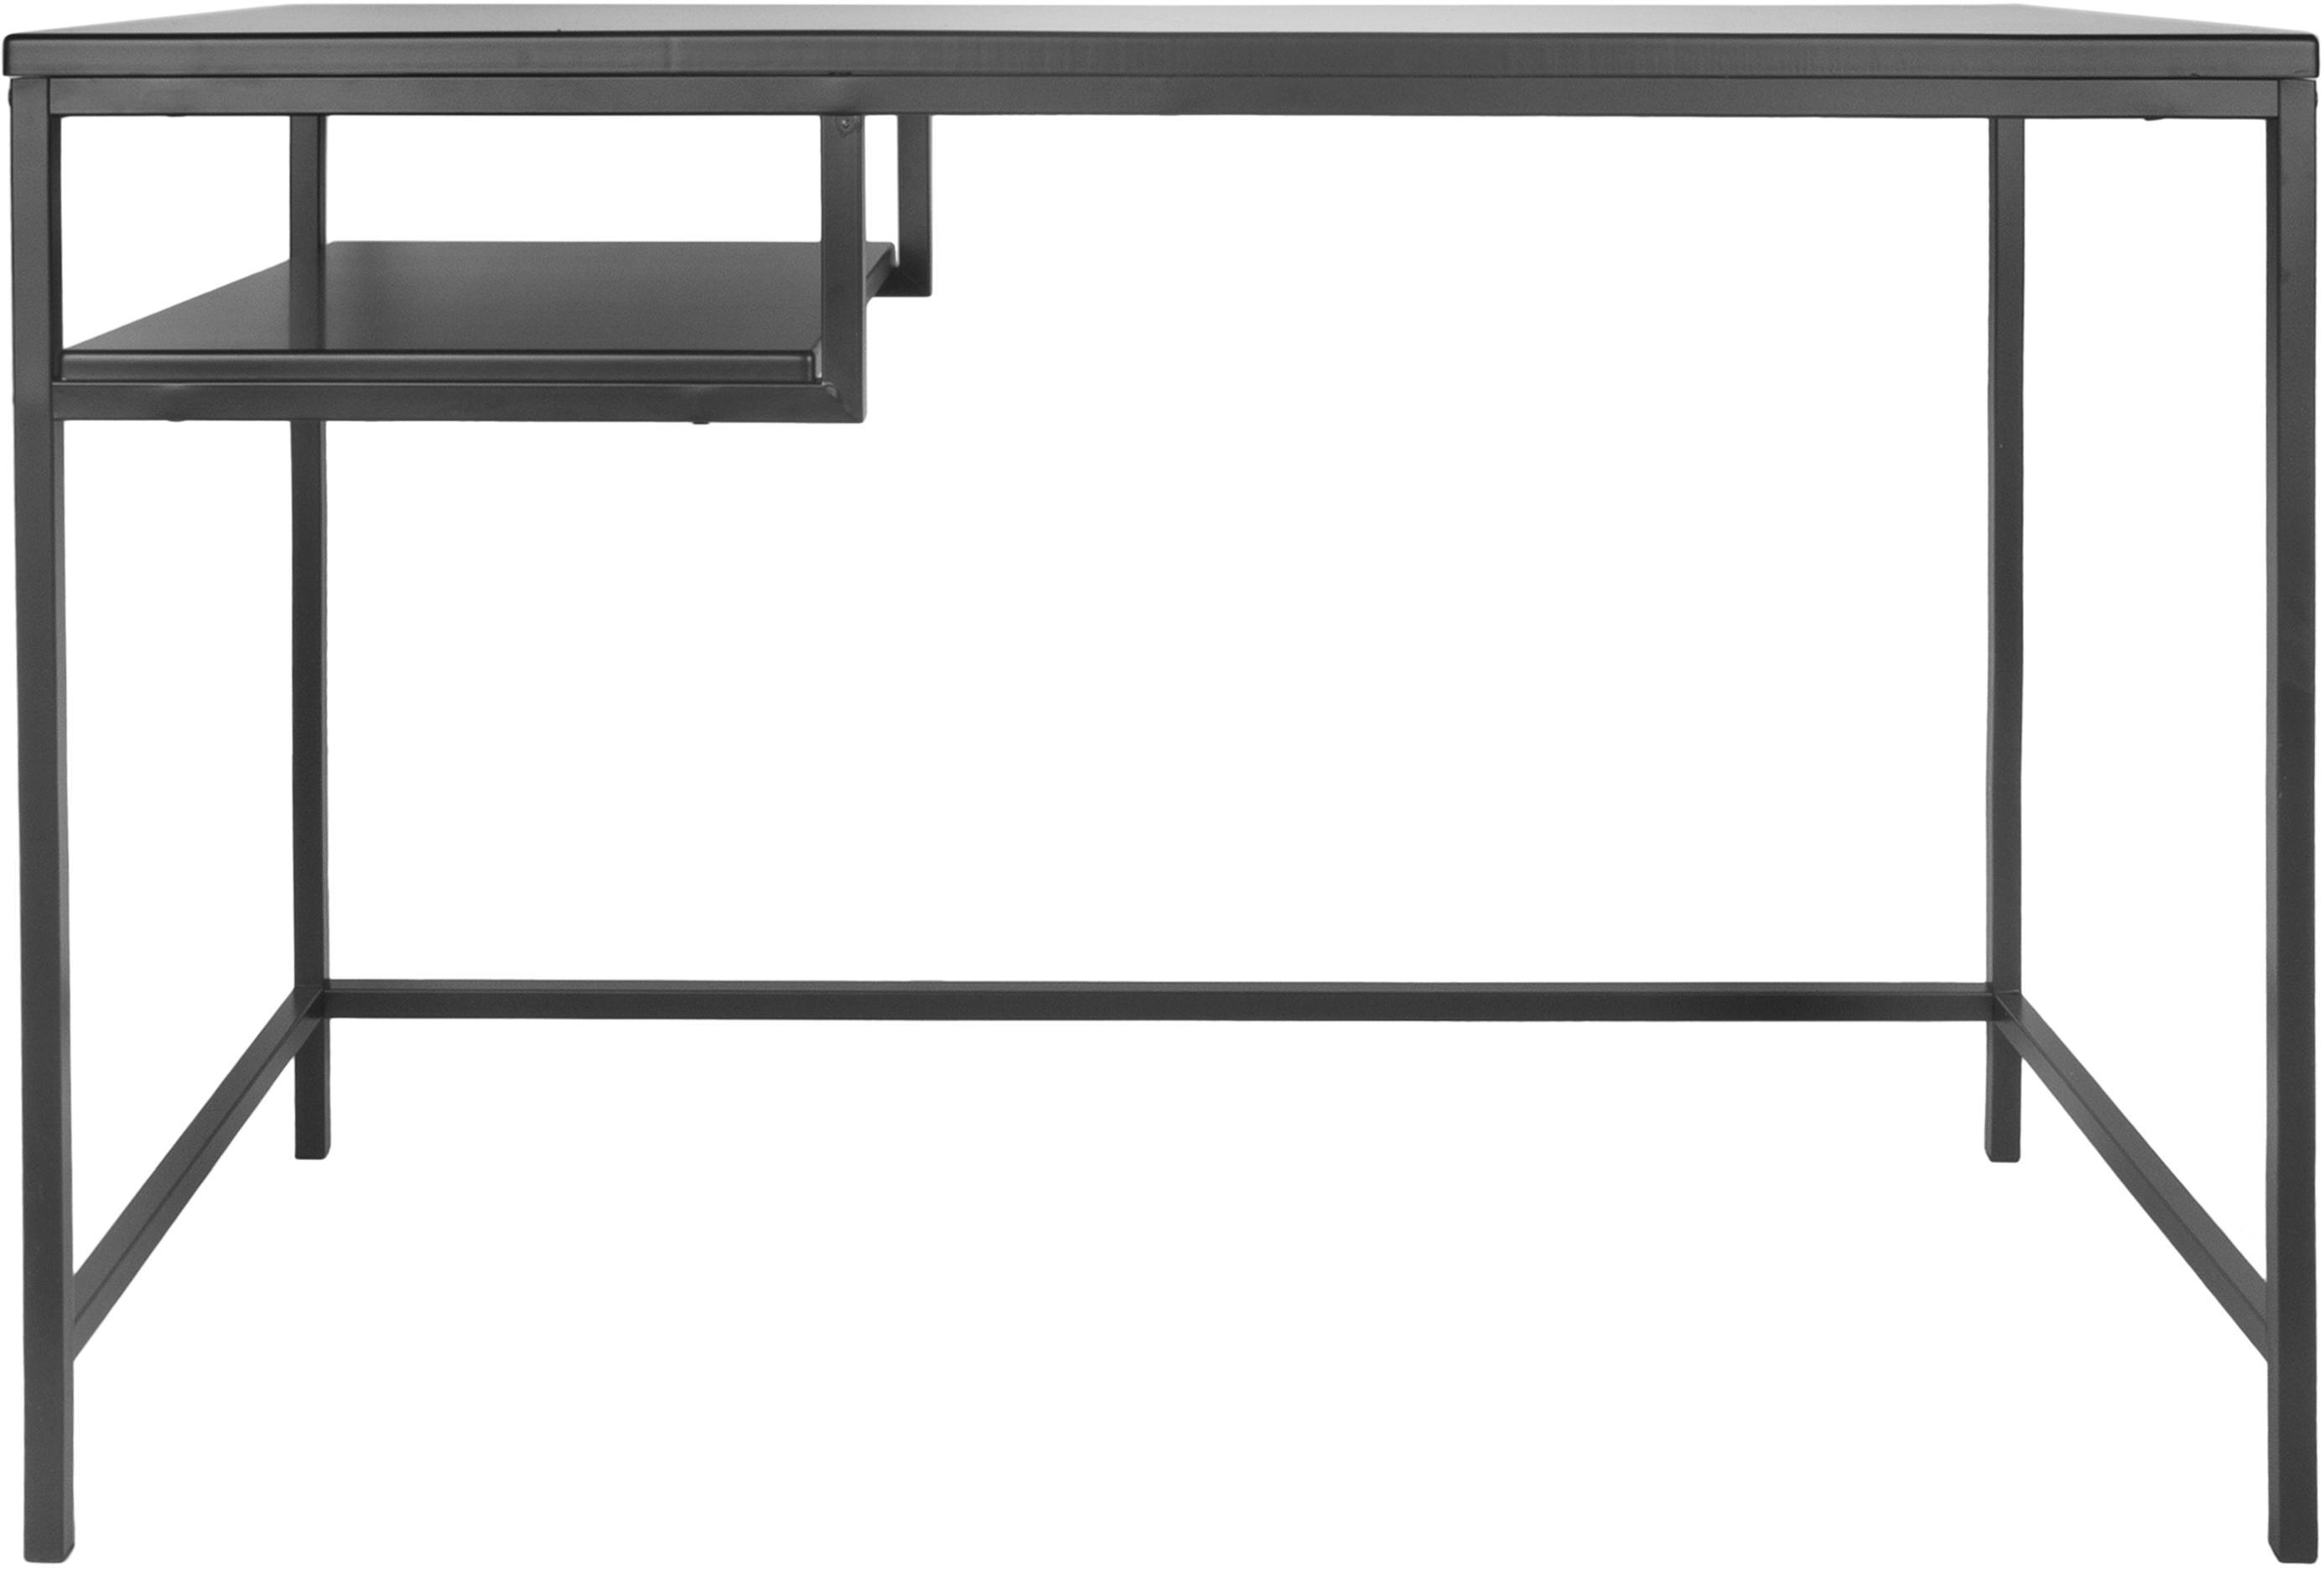 Scrivania in metallo Fushion, Struttura: metallo verniciato a polv, Nero, Larg. 114 x Prof. 76 cm